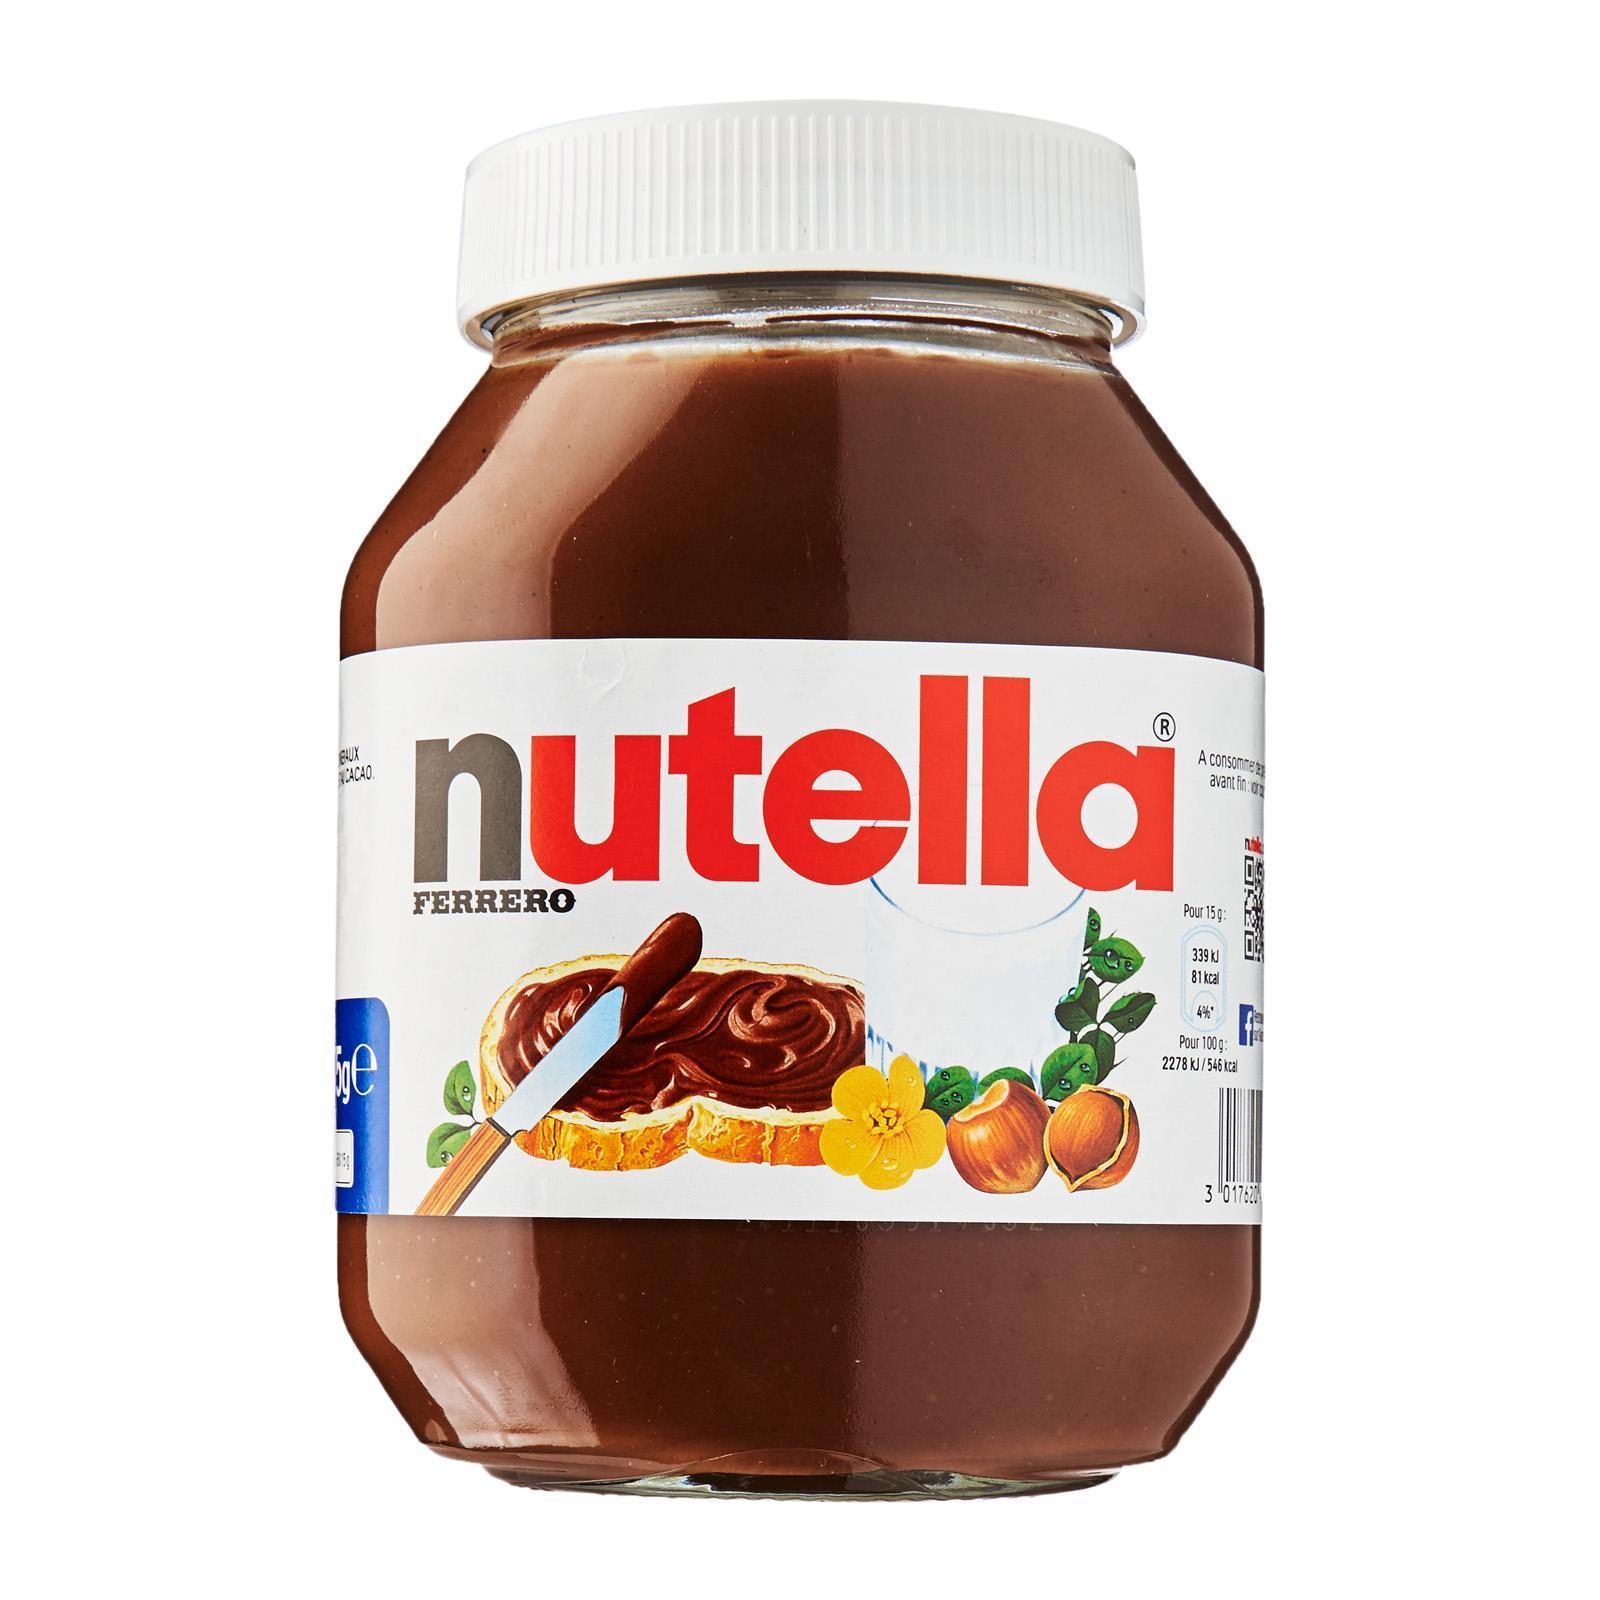 Nutella Hazelnut Spread Family Size